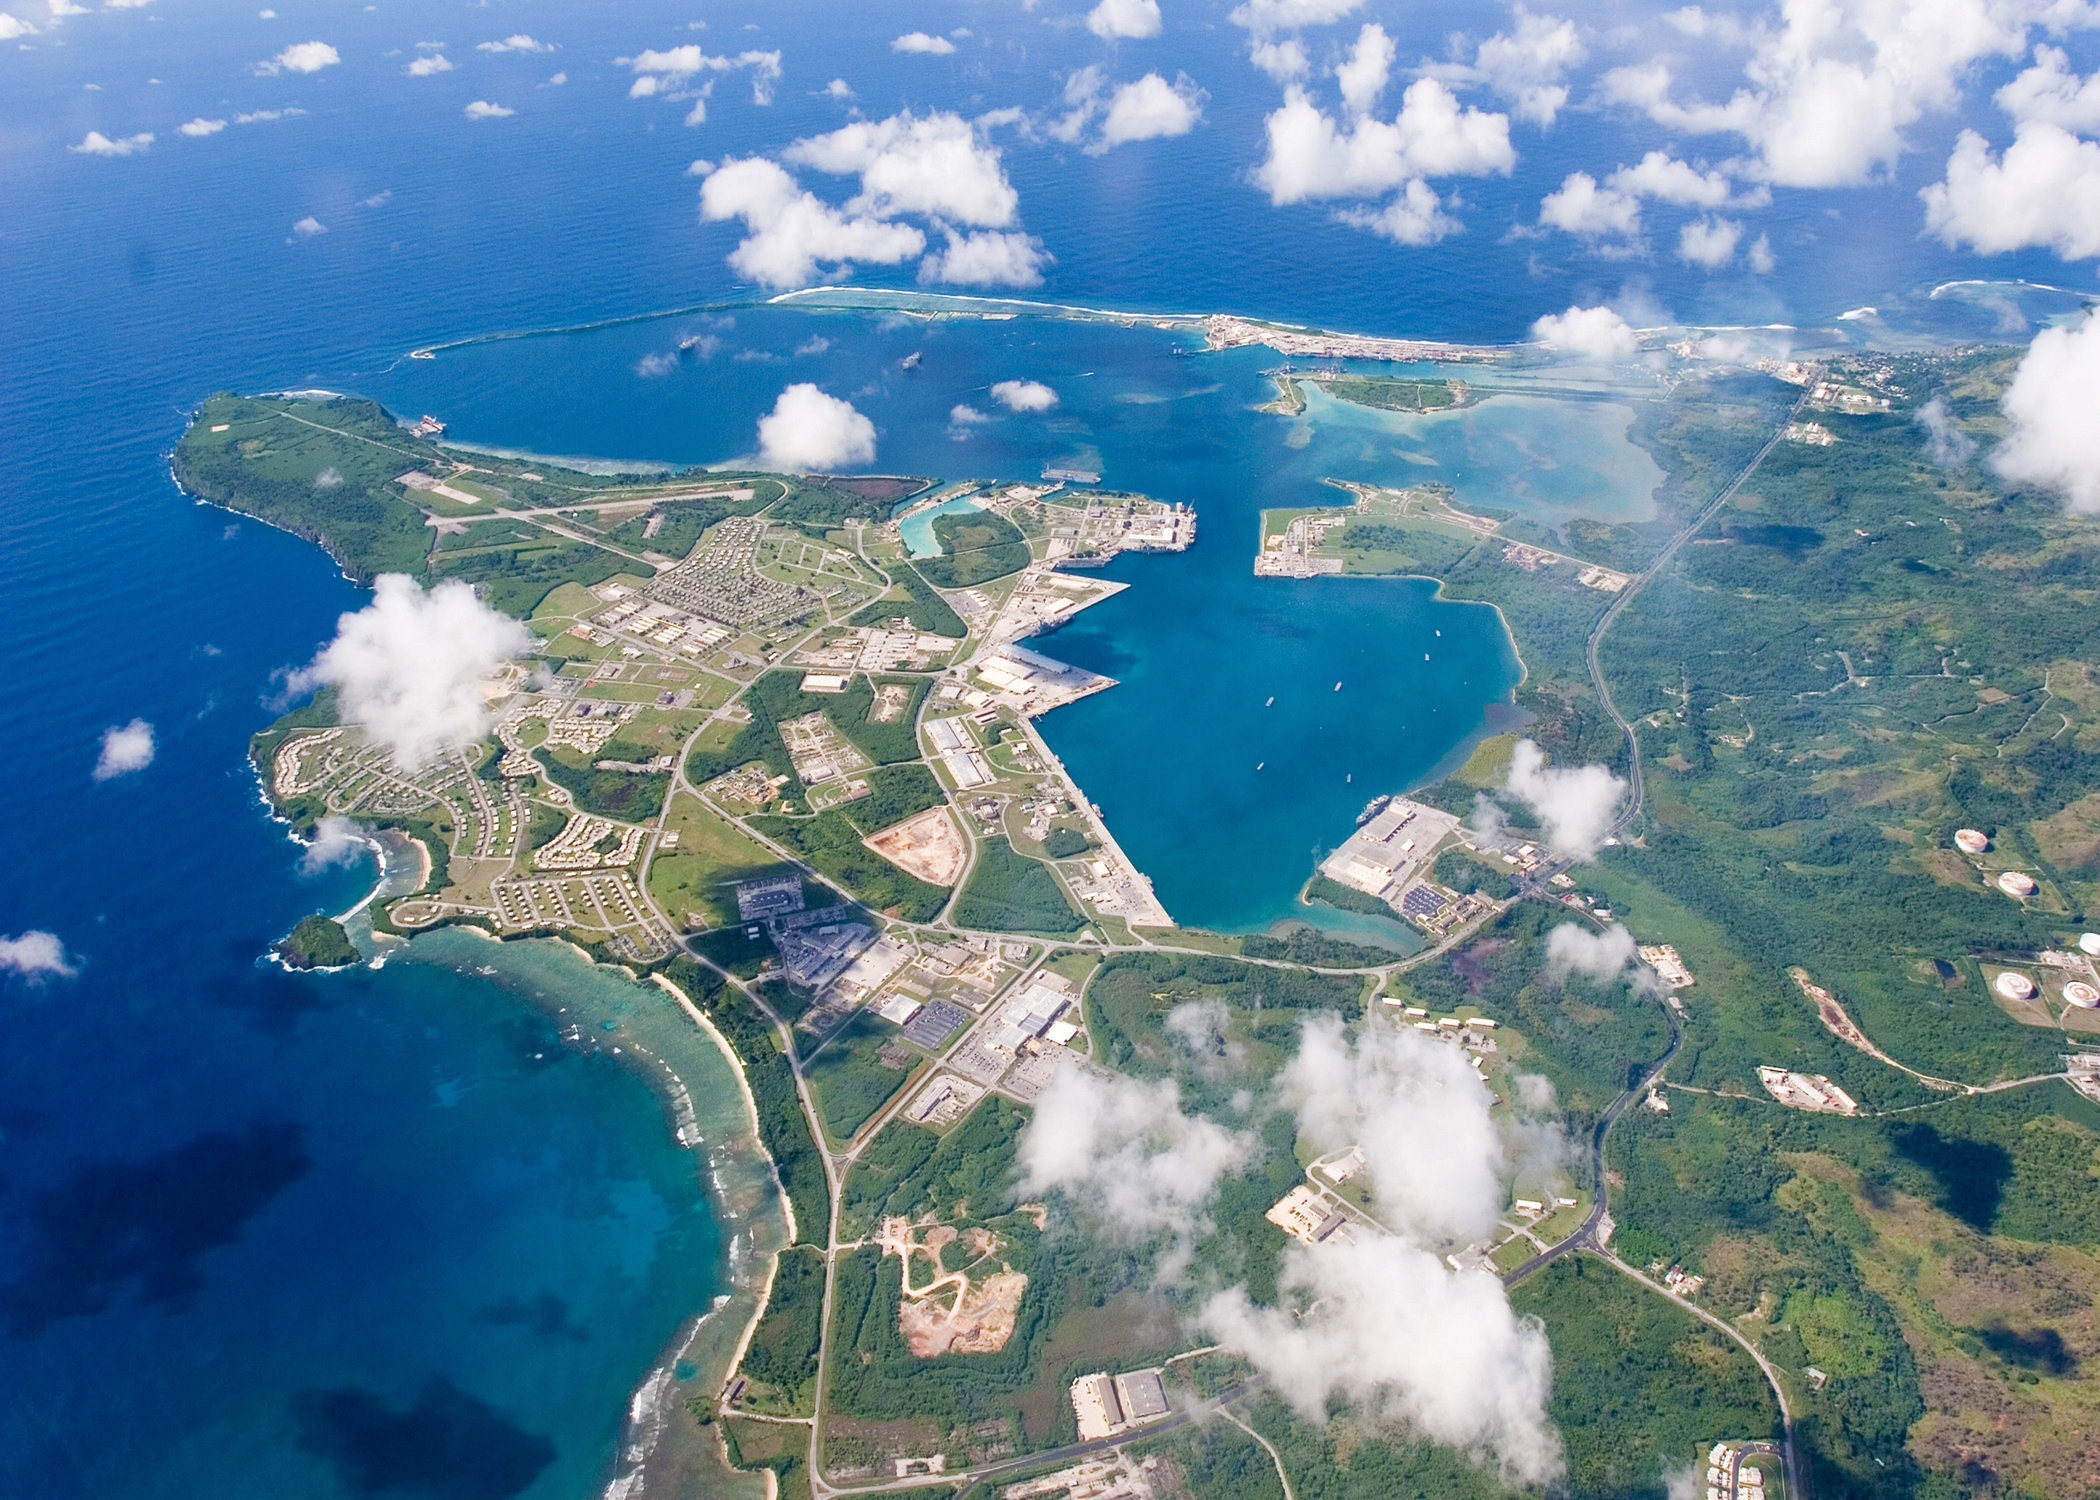 一帶一路,反殖民主義,福克蘭群島,阿根廷,聯合國,日本,釣魚台,琉球,英國